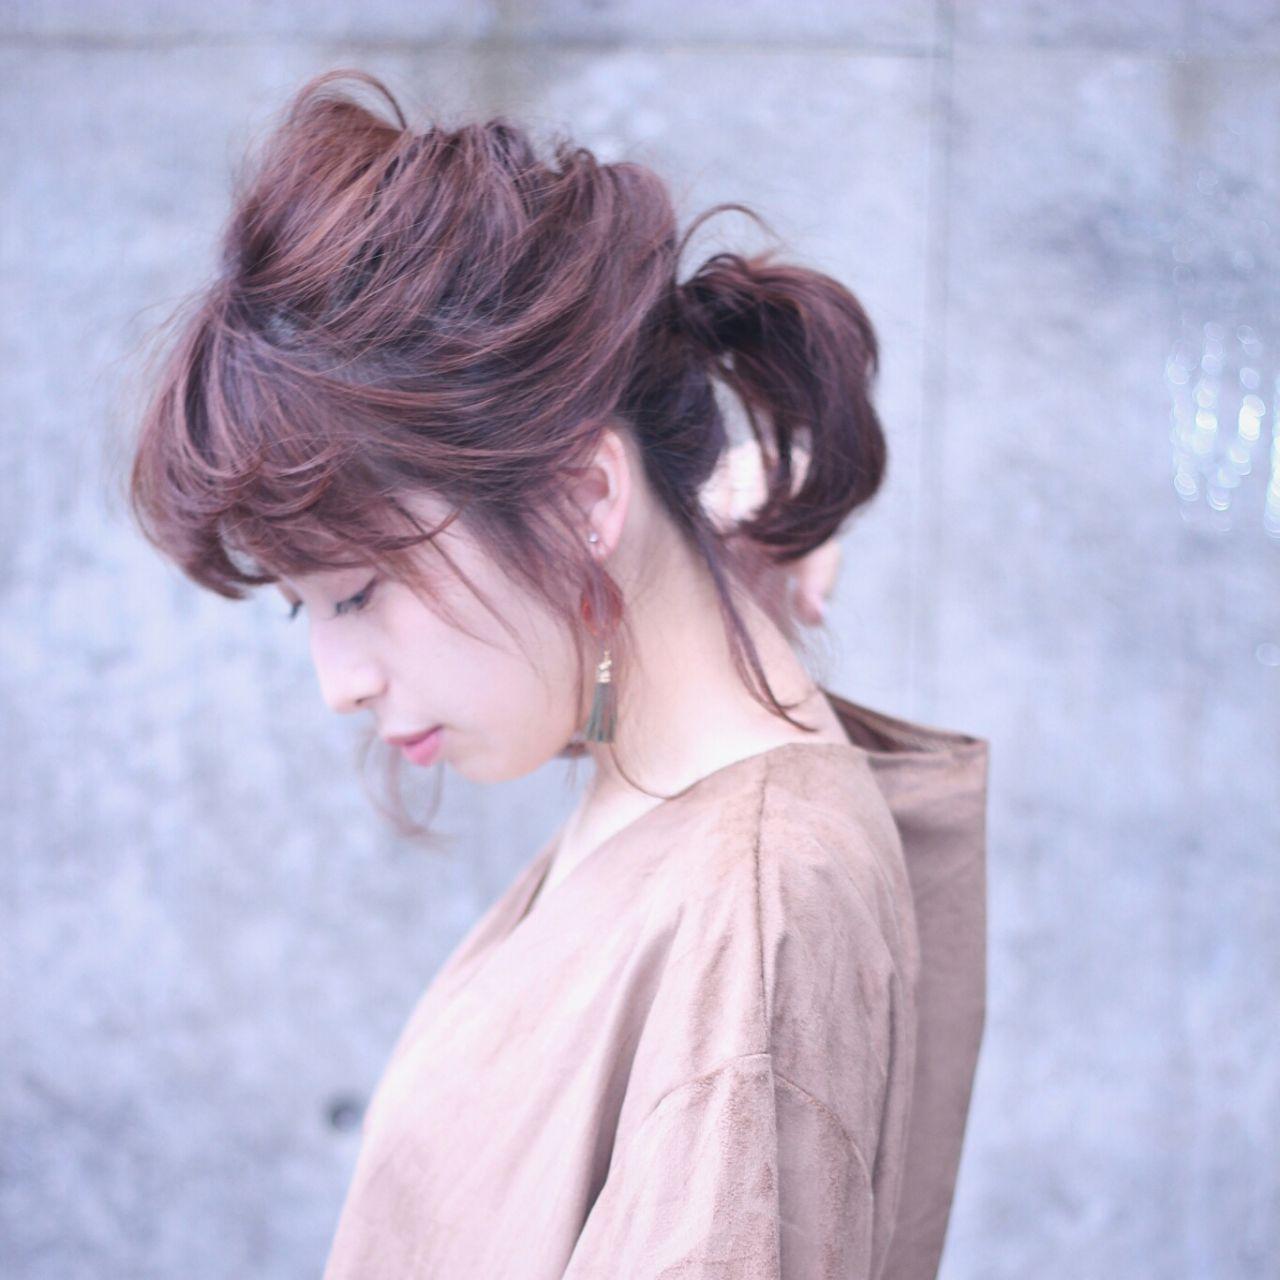 大人かわいい ナチュラル ポニーテール マルサラ ヘアスタイルや髪型の写真・画像